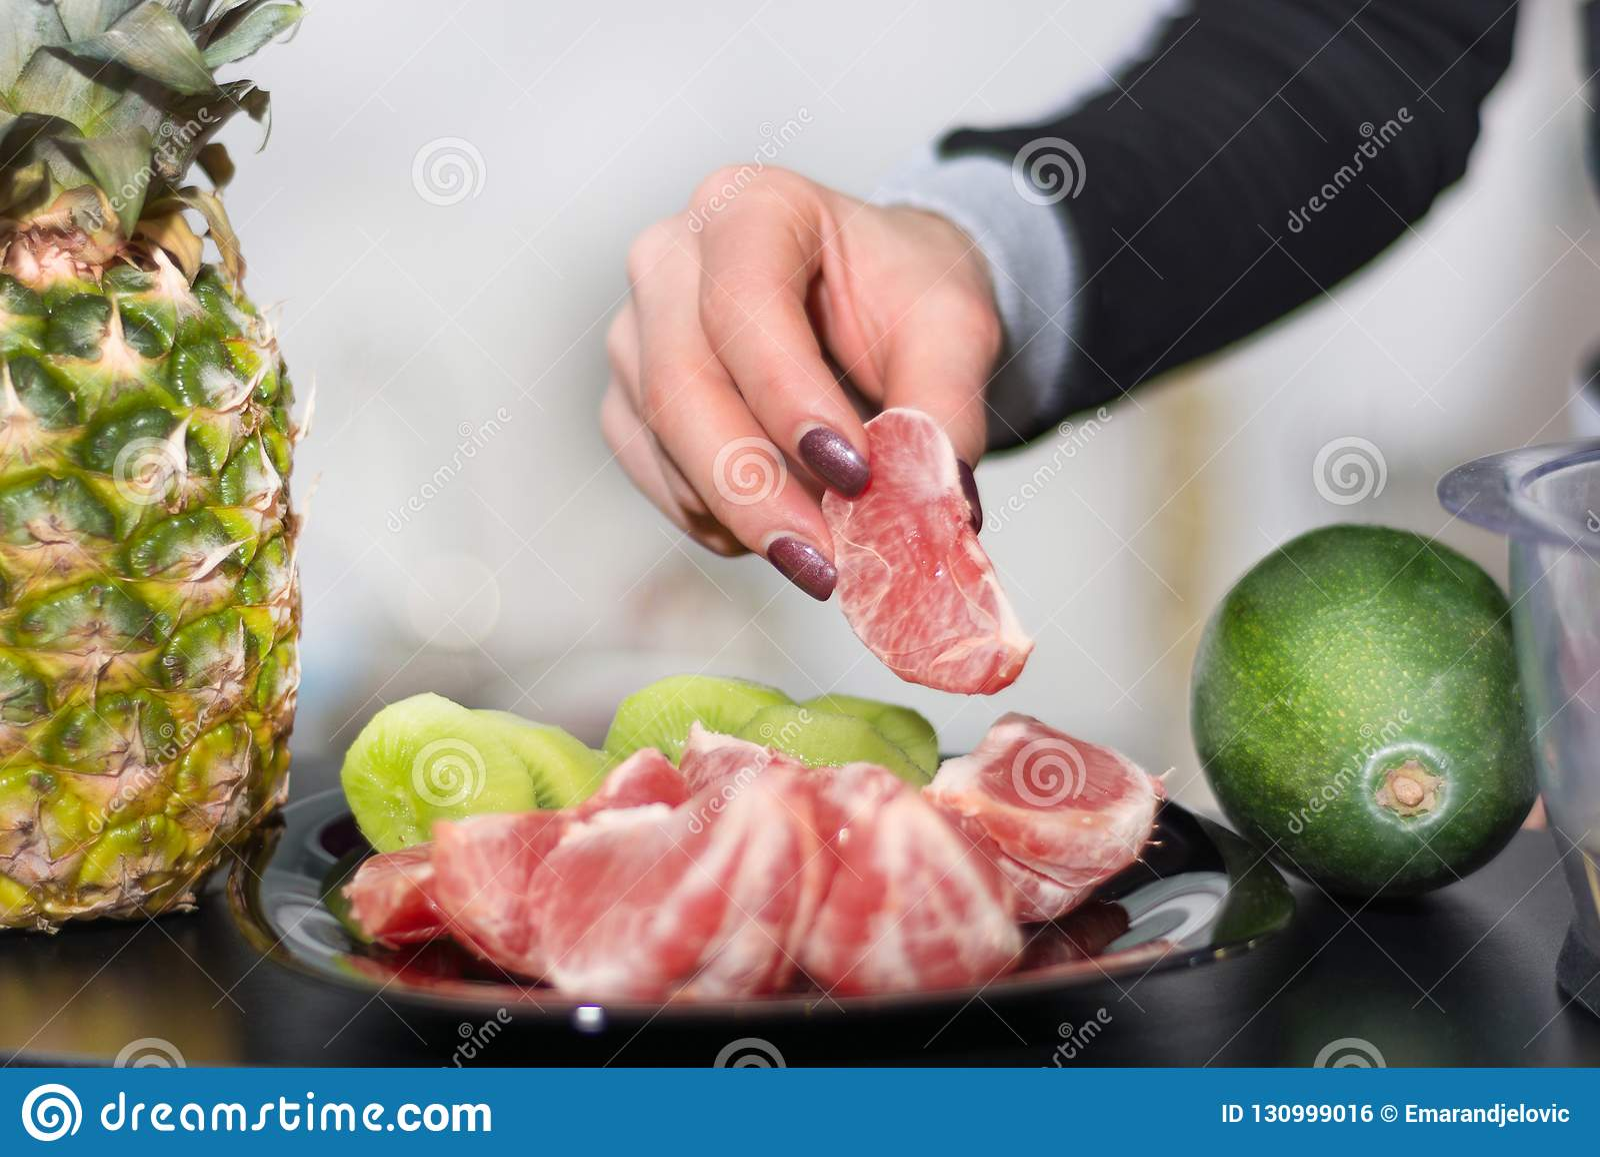 Το χέρι γυναικών κρατά το κόκκινο ξεφλουδισμένο γκρέιπφρουτ στο πιάτο